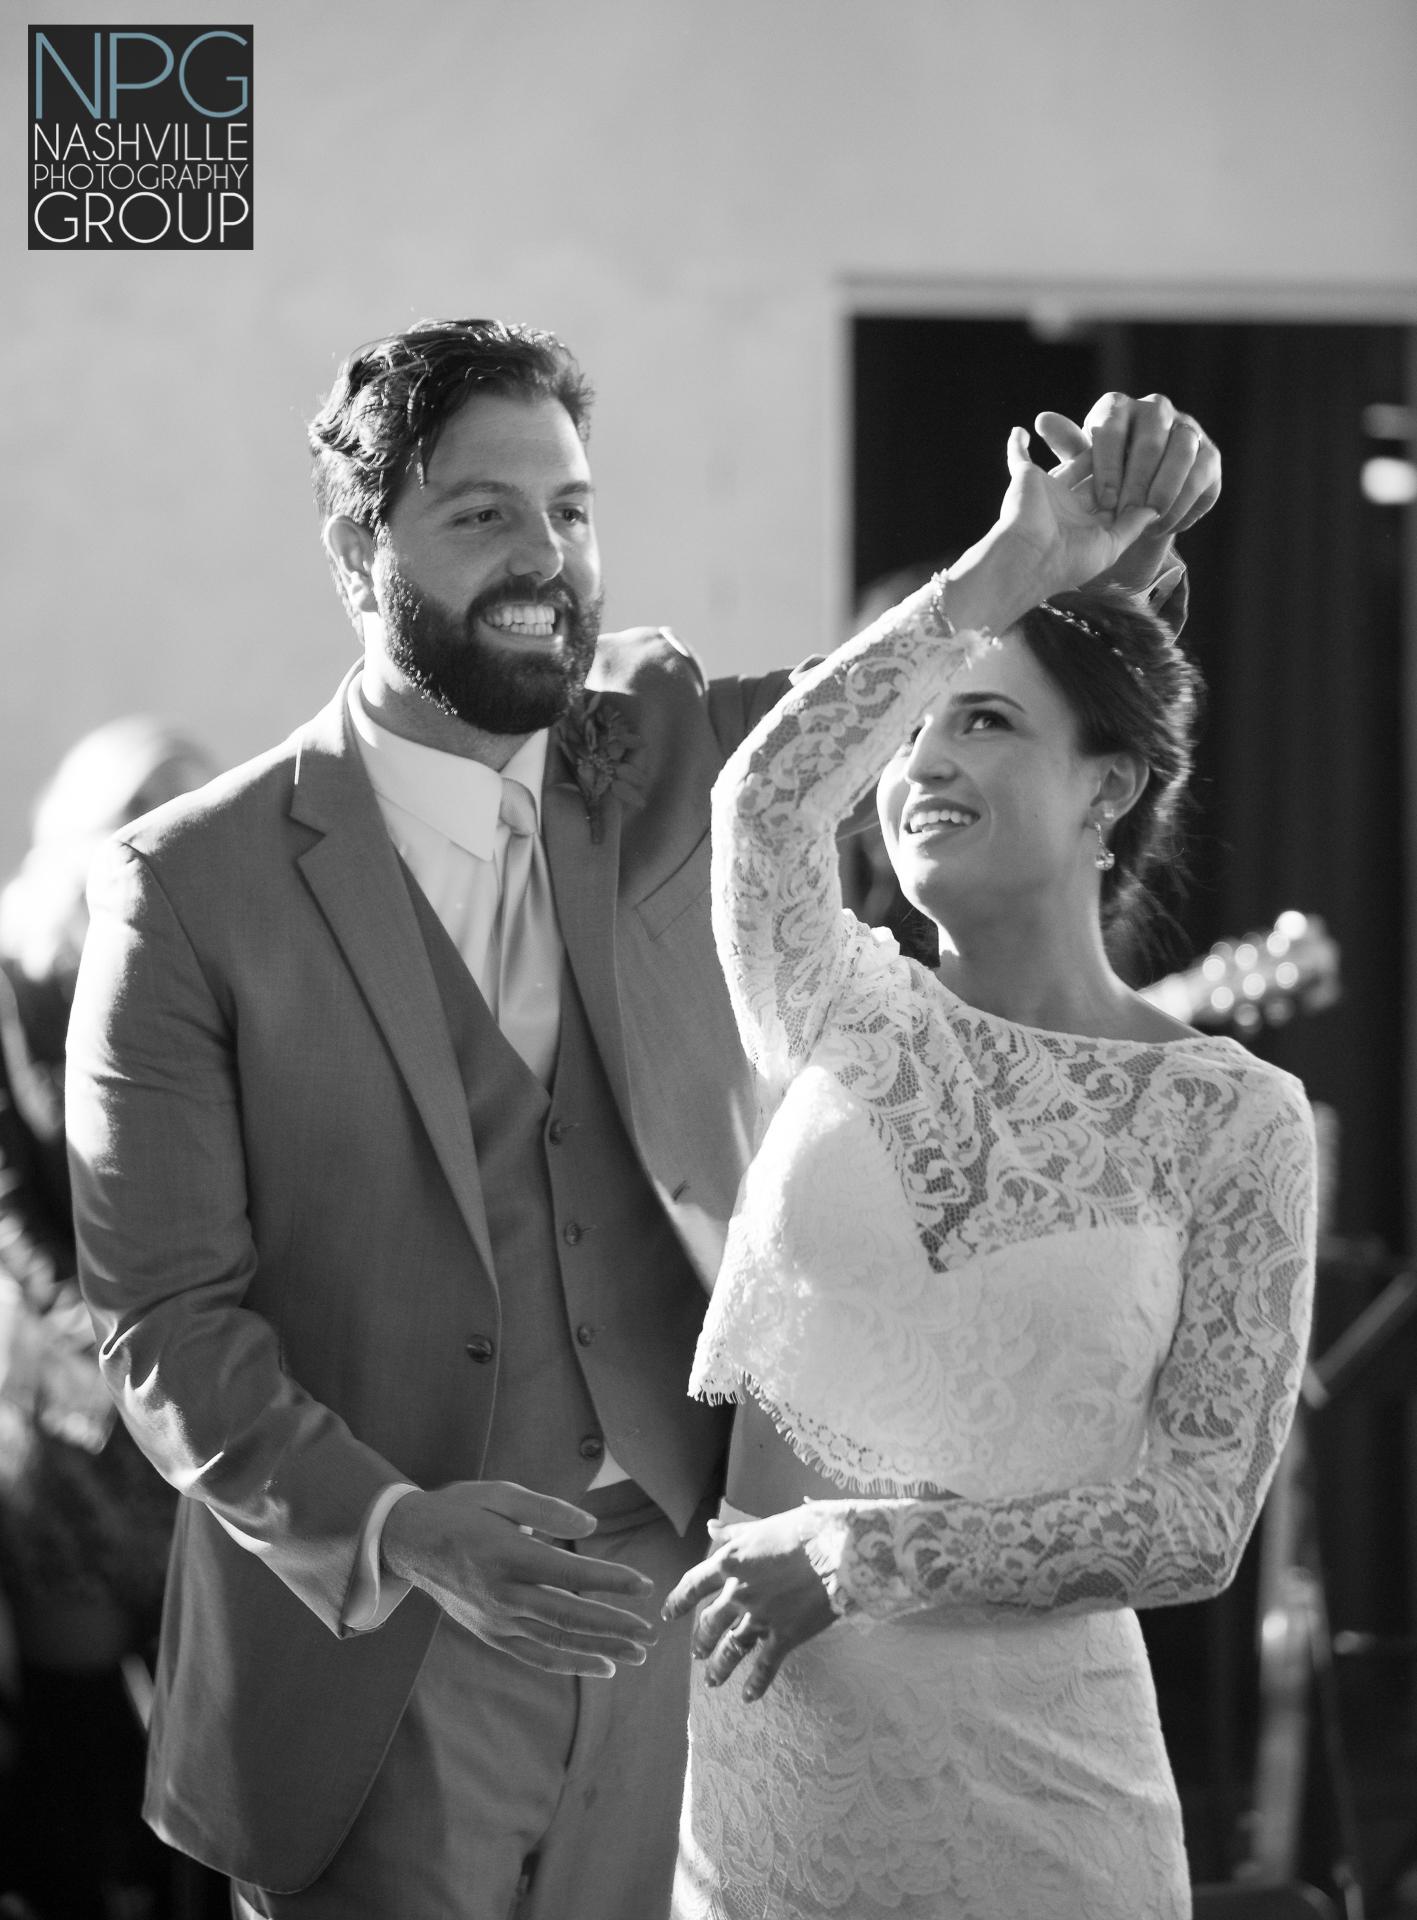 Nashville Photography Group wedding photographers-6-2.jpg